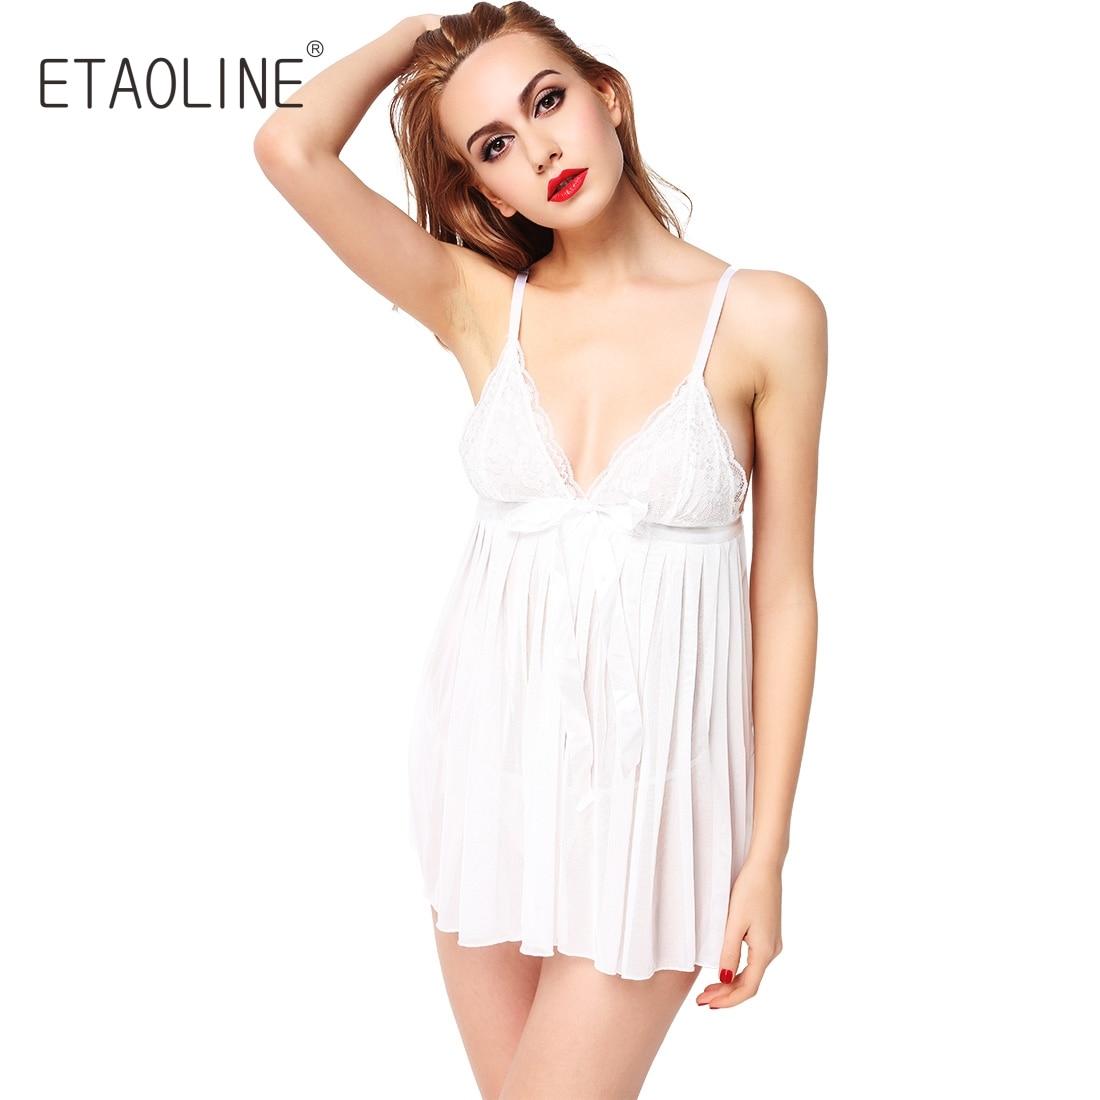 4edae33a1a2 ETAOLINE 2018 New Women Girl Sexy Lingerie Nightwear Underwear Nightgrown  Sleepwear Lace BabyDoll Dress Women s Sleepshirts